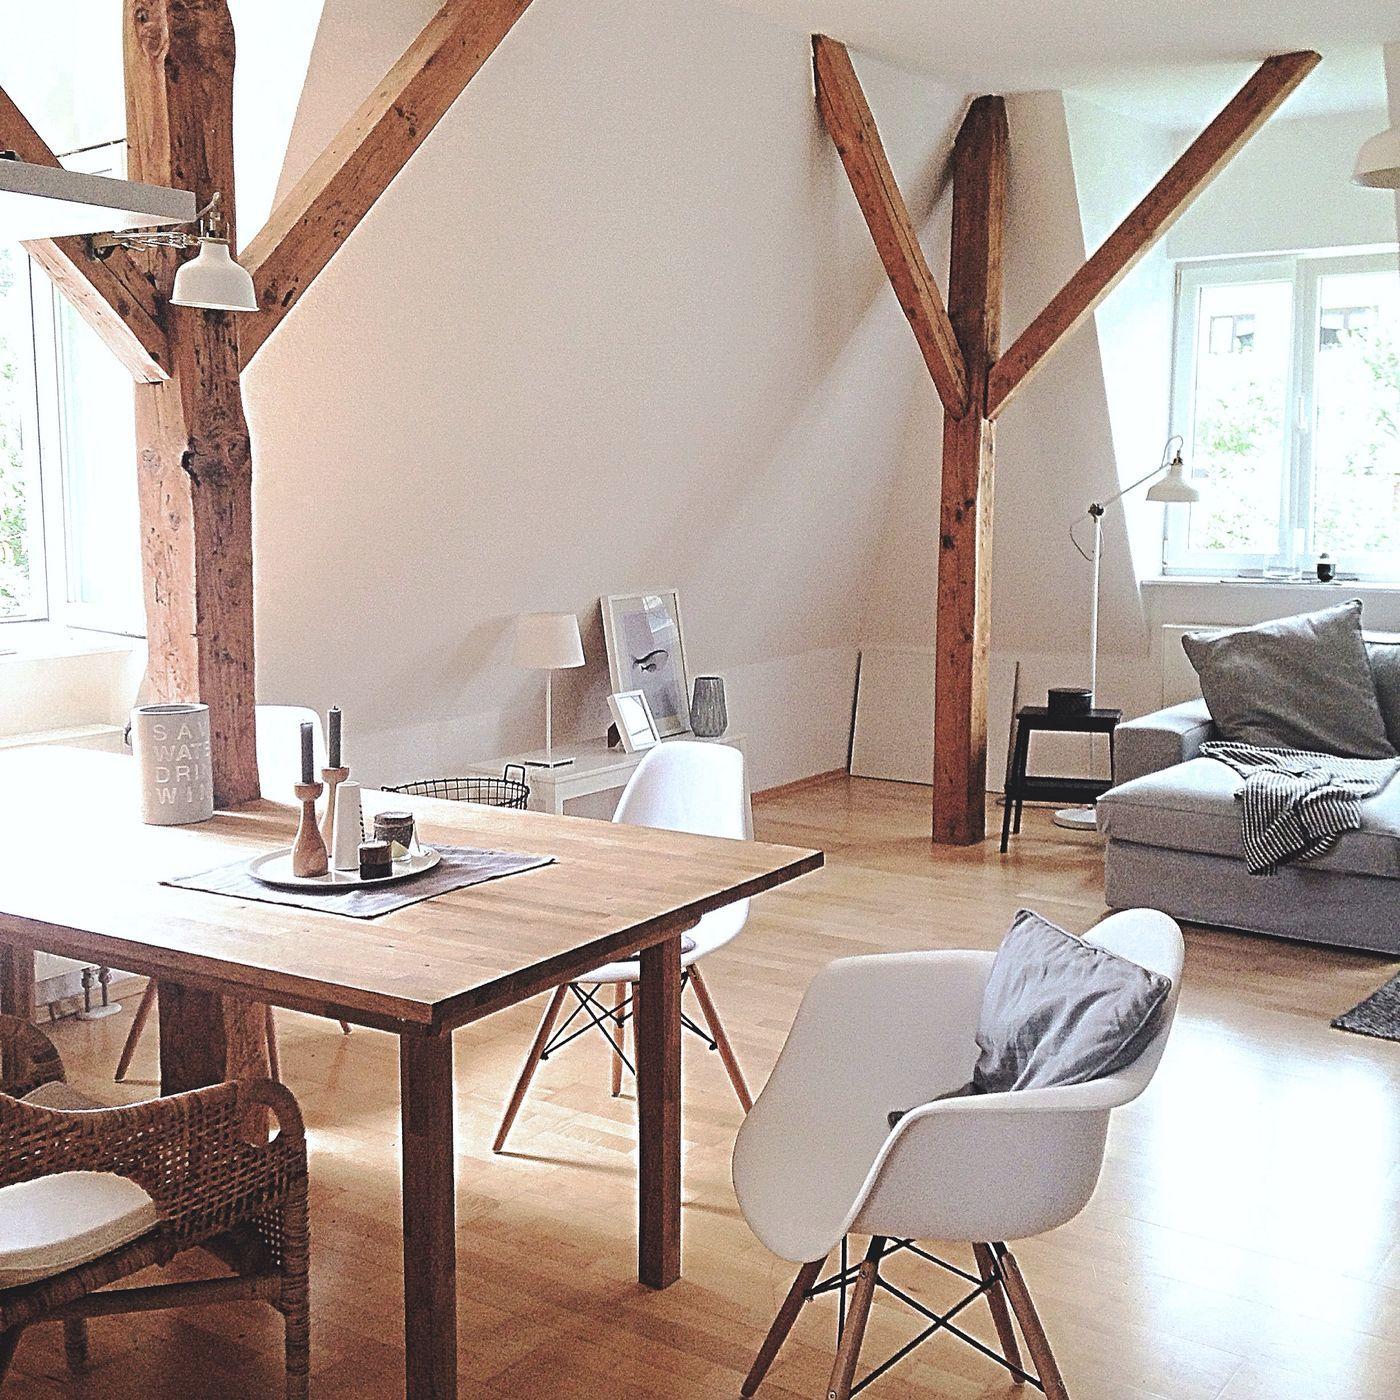 Full Size of Hängelampen Ikea Schnsten Ideen Mit Leuchten Küche Kosten Modulküche Betten 160x200 Bei Sofa Schlaffunktion Miniküche Kaufen Wohnzimmer Hängelampen Ikea